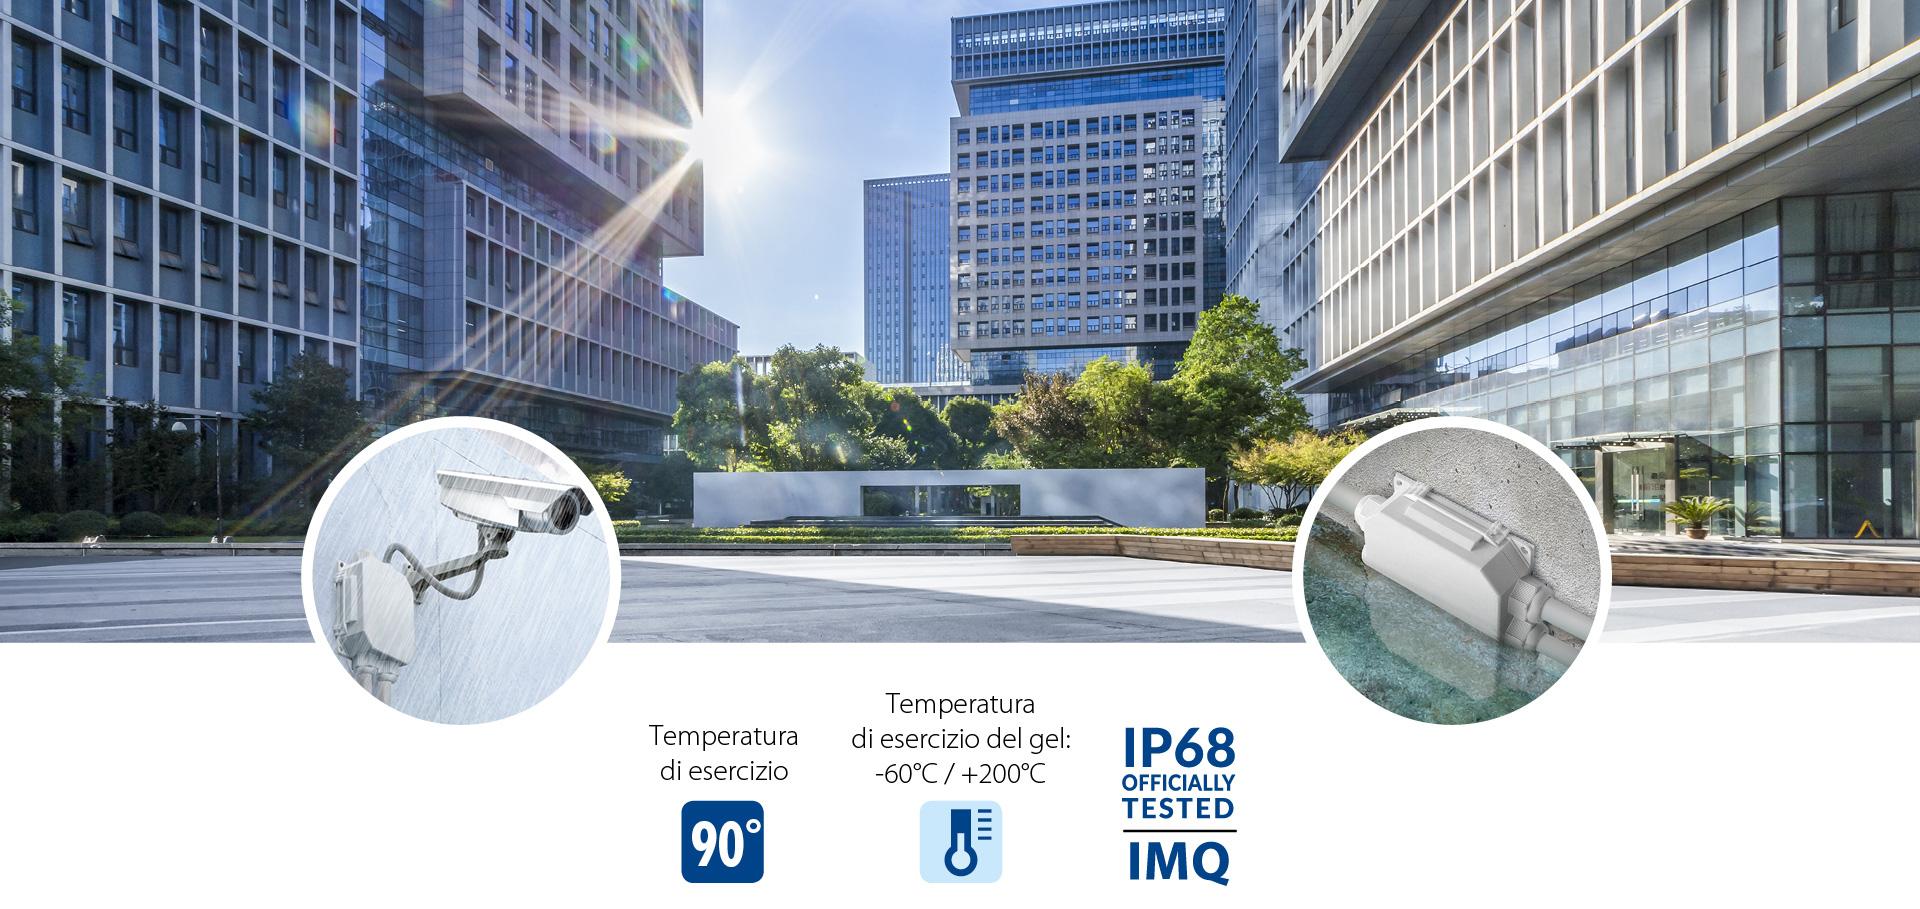 Ready Box - Temperatura di esercizio: 90°, Temperatura di esercizio del gel: -60° C/+200° C, IP68 IMQ